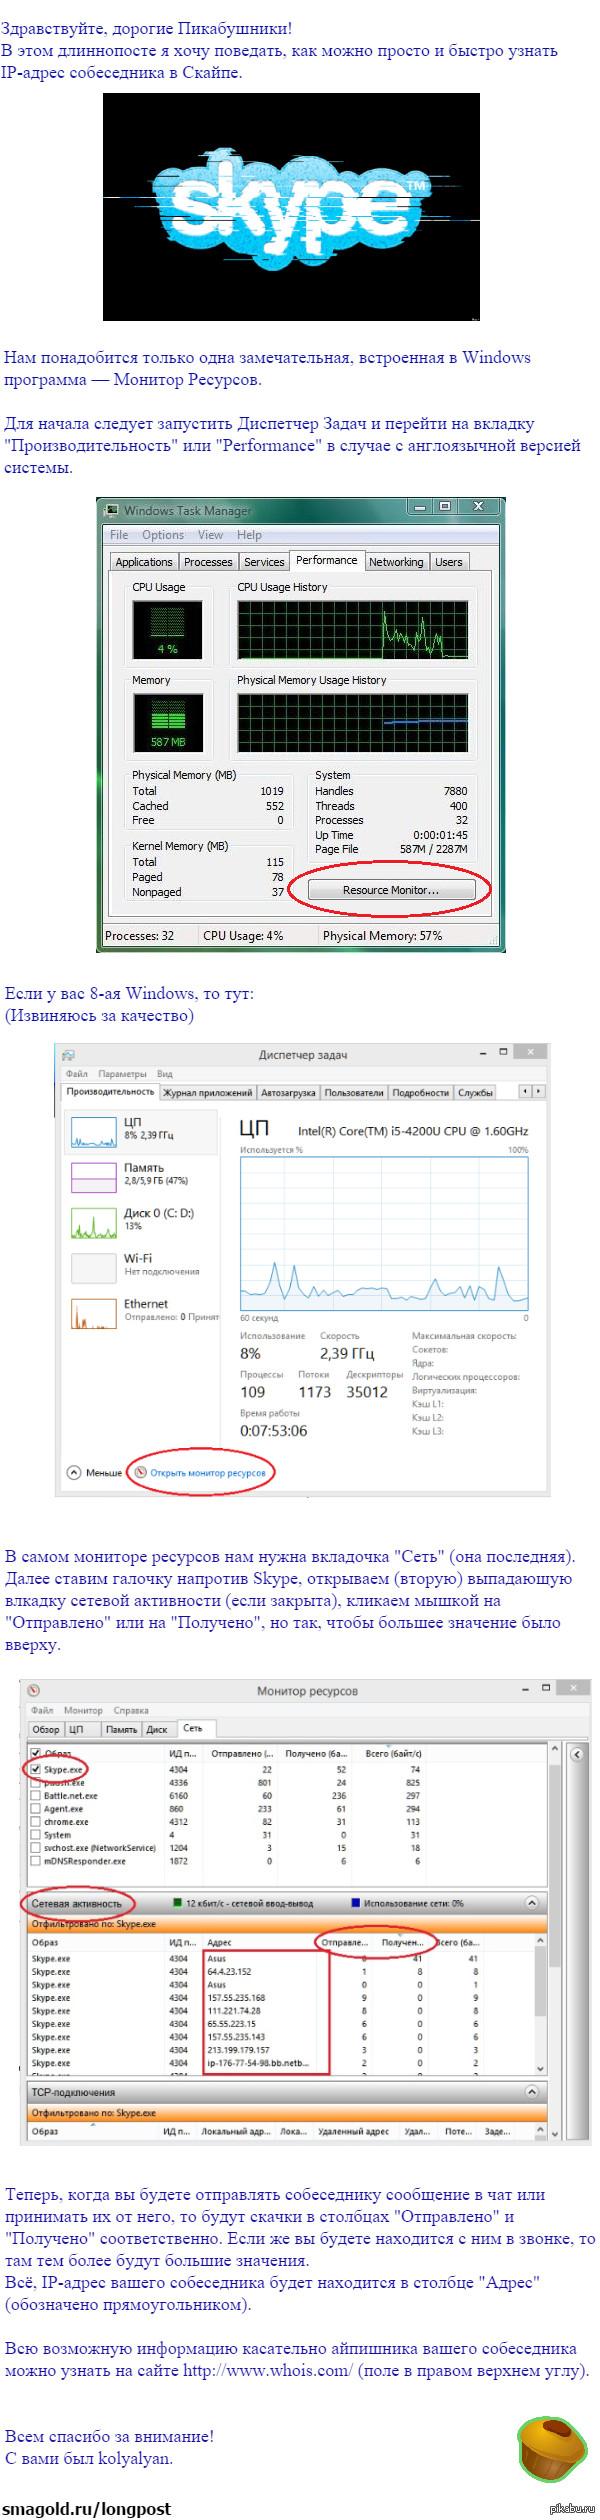 Узнаём IP собеседника в Скайпе средствами Windows Подробная инструкция для тех, кто не знал.)